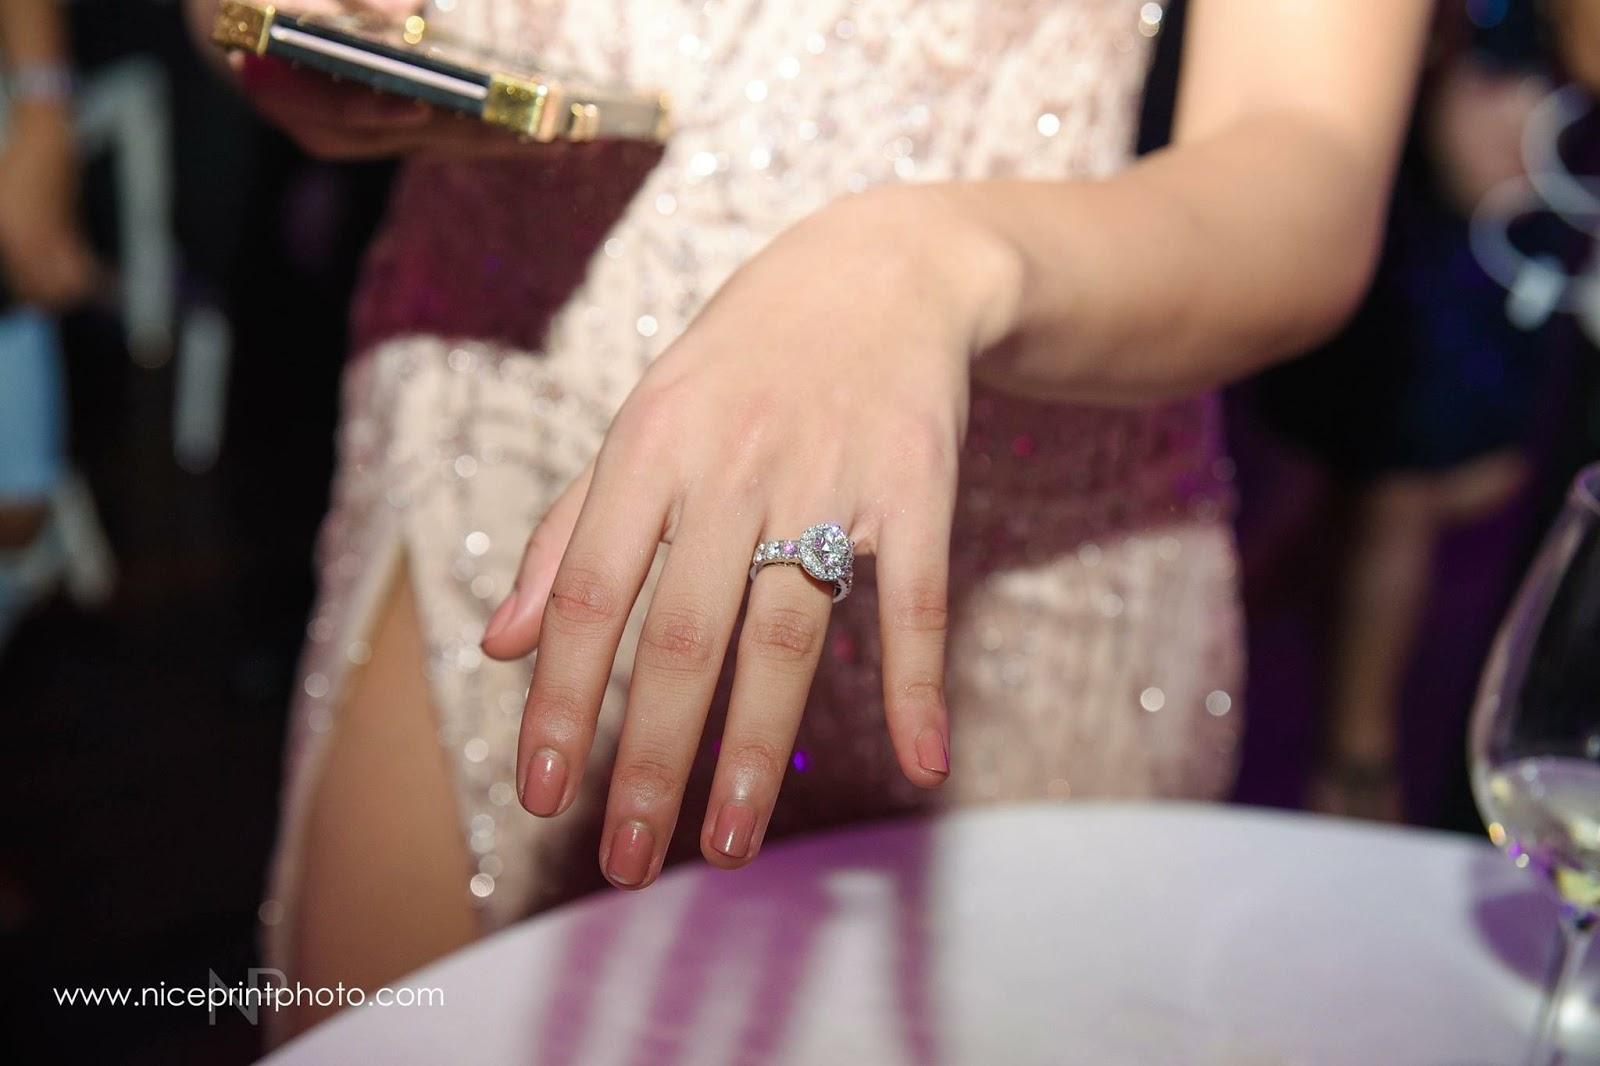 Sarah Lahbati's Engagement Ring At Closer View